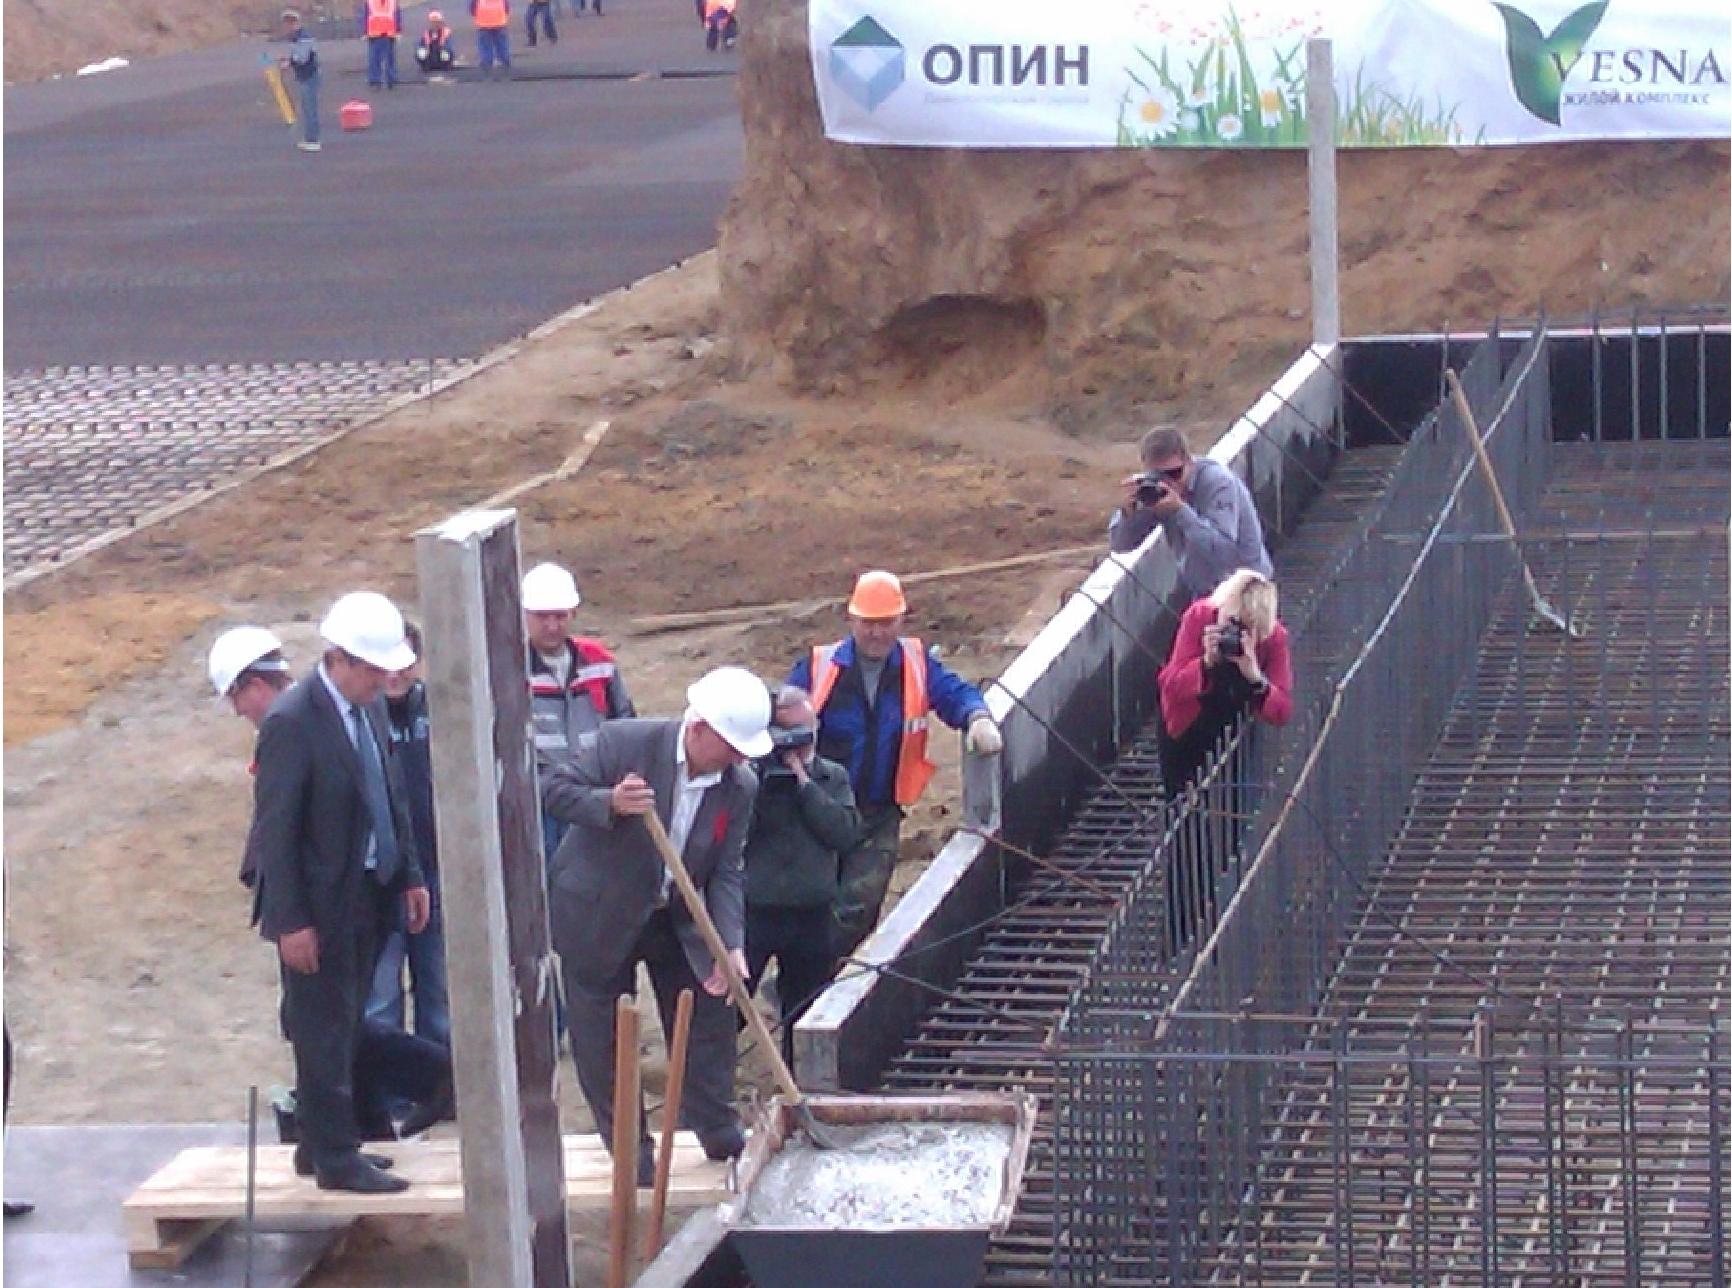 """Компания """"ОПИН"""" приступила к строительству многоэтажного жилья в Подмосковье"""